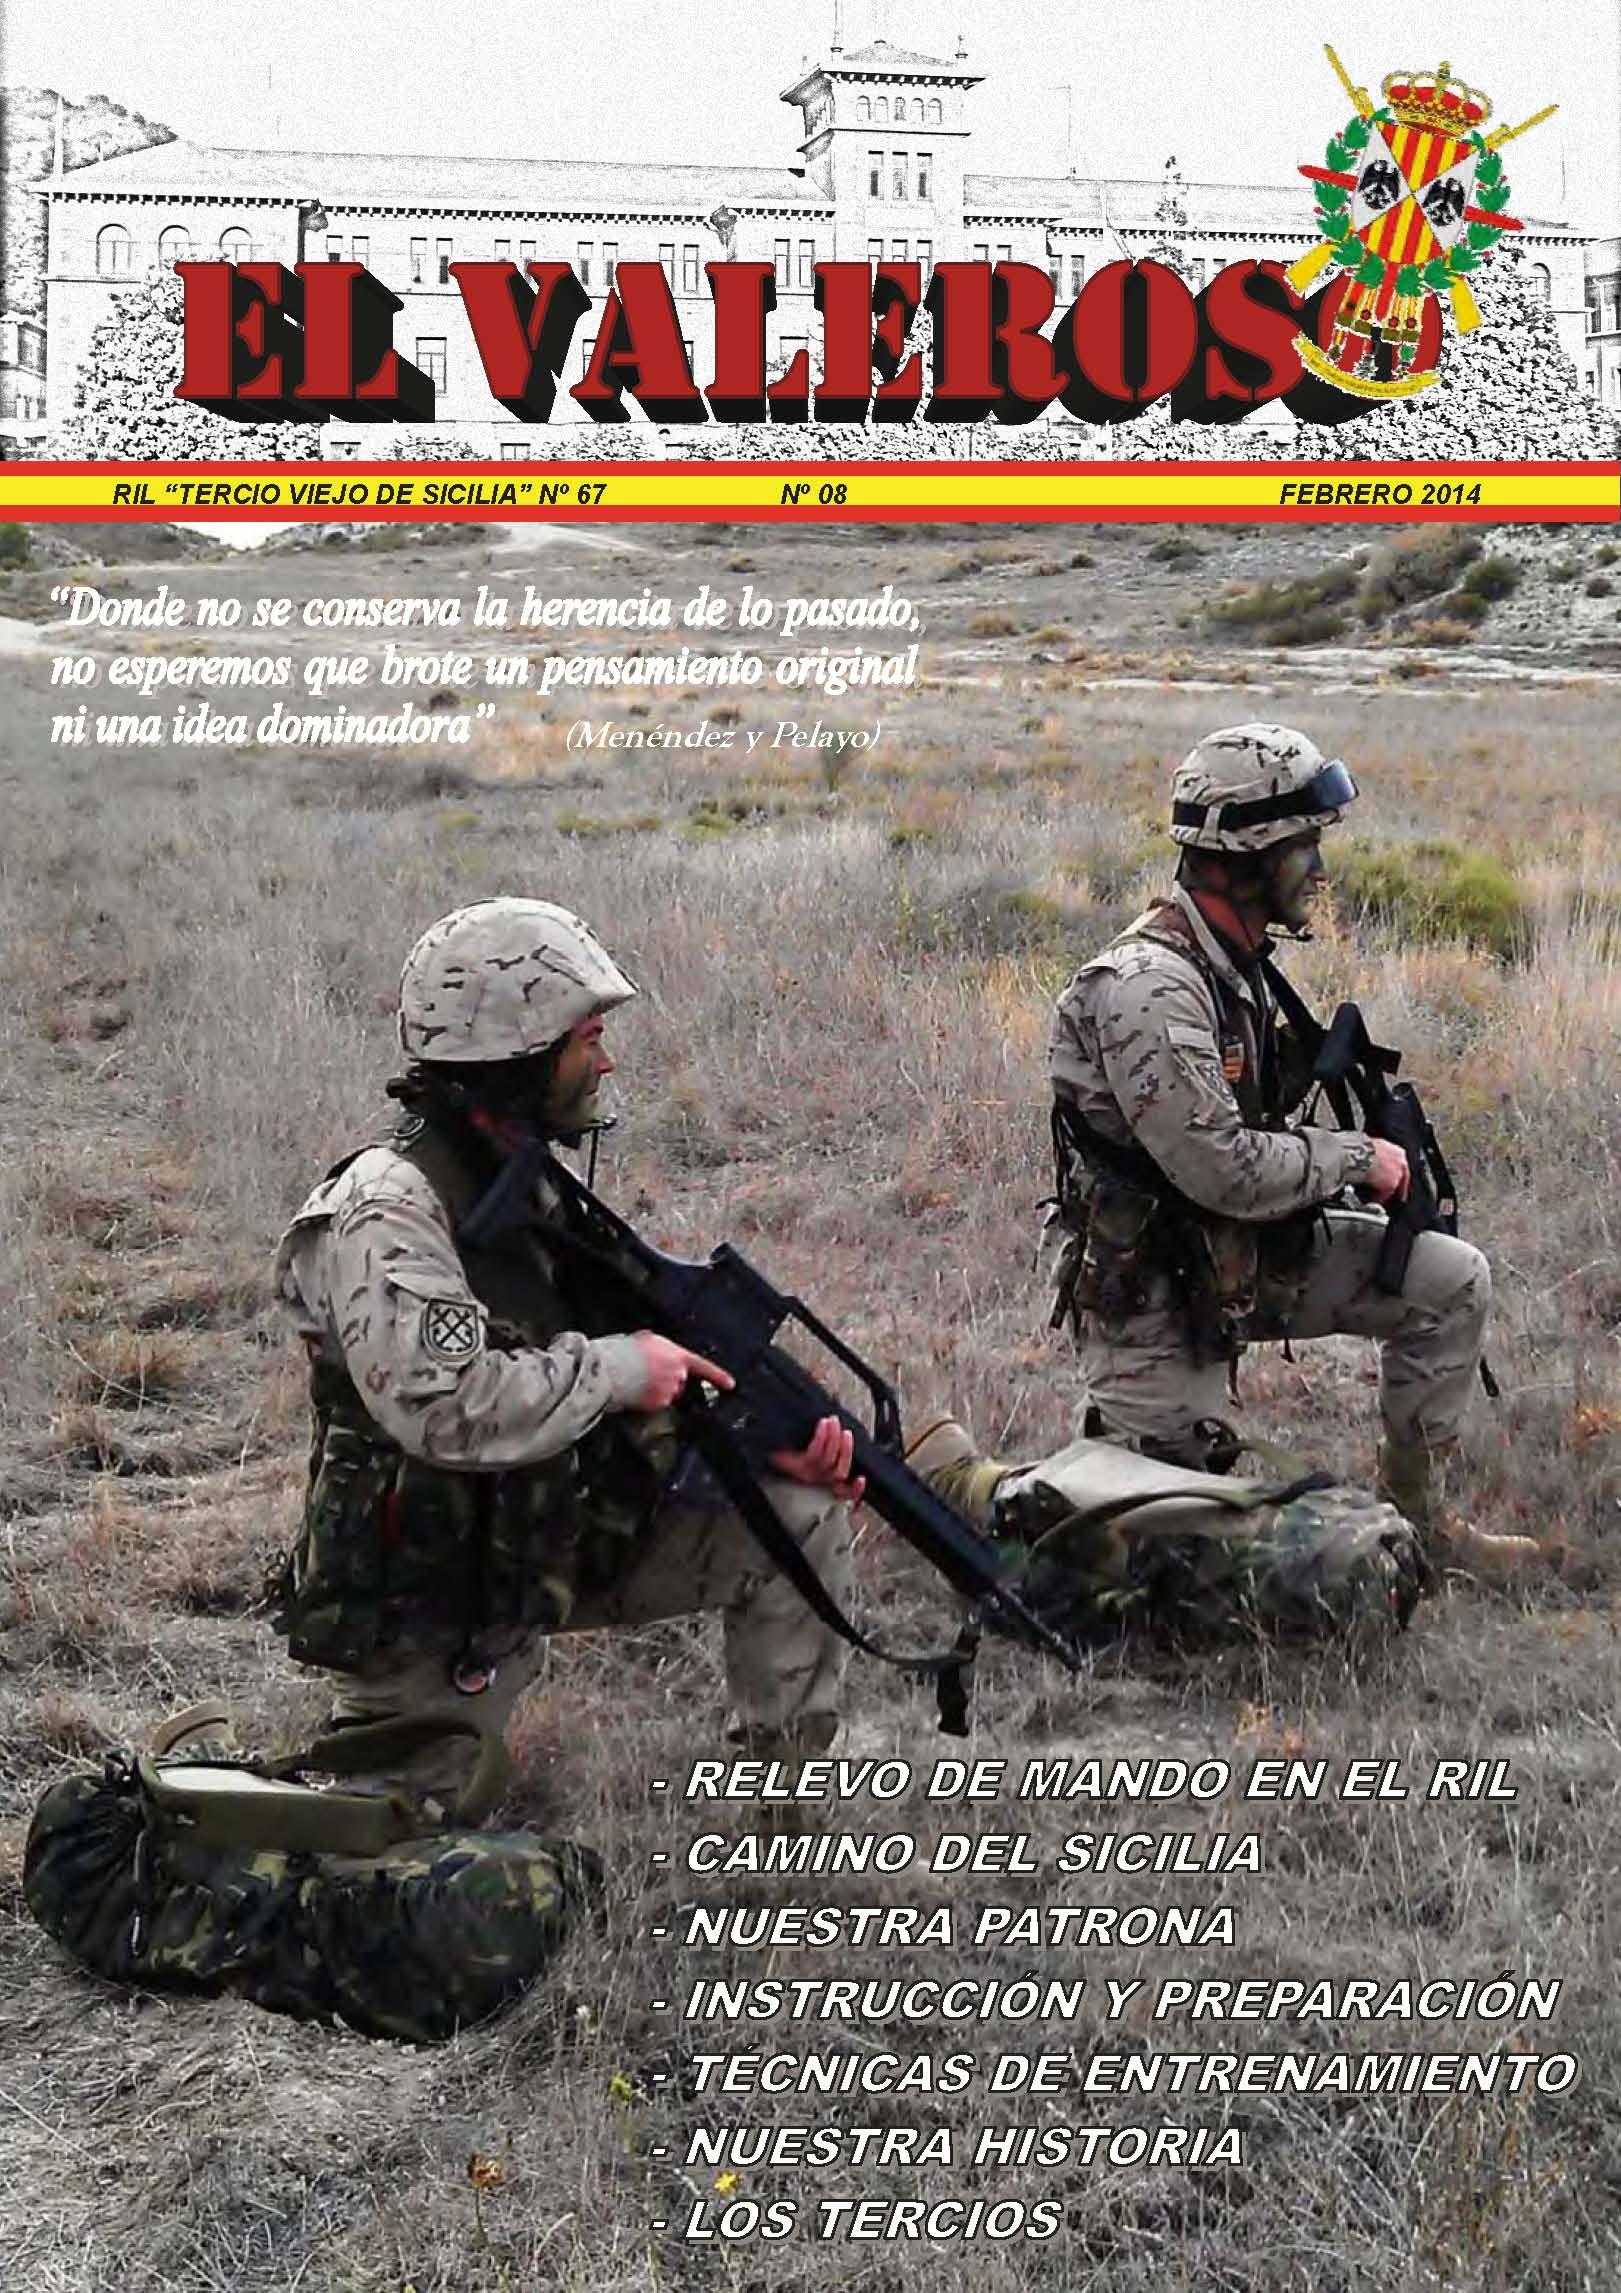 Revista EL VALEROSO núm. 8